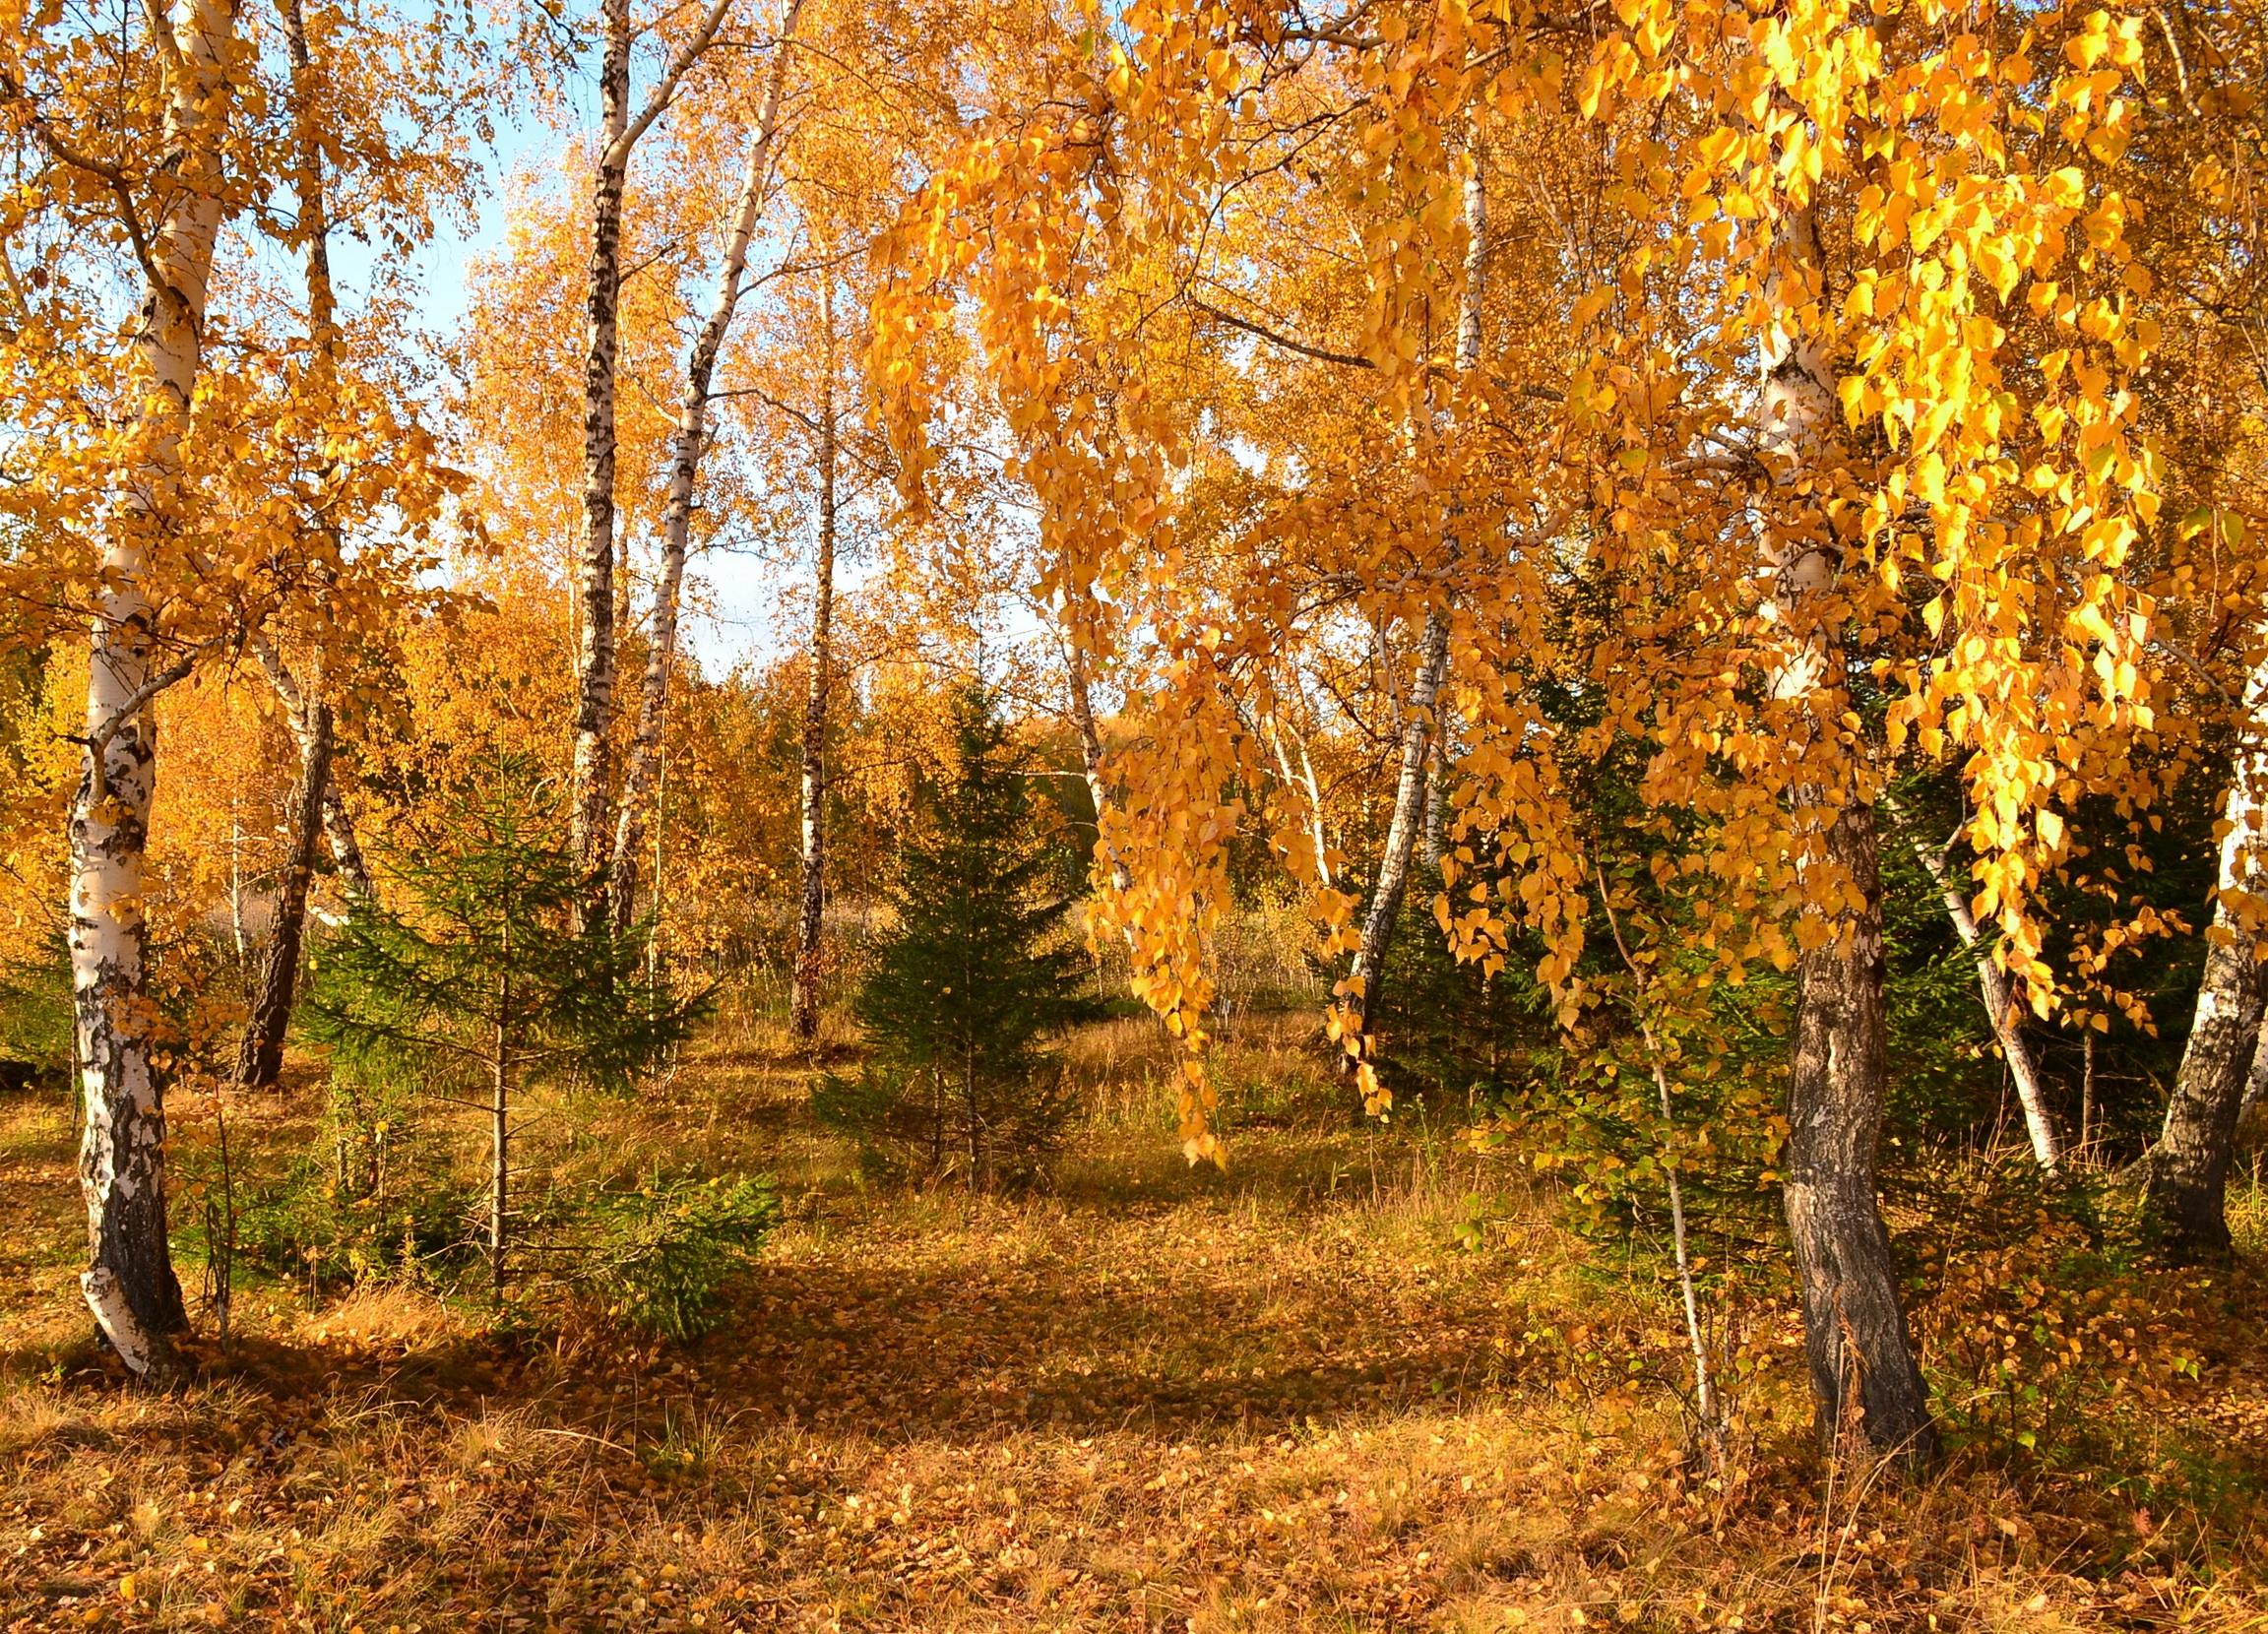 Березы осень лес деревья бесплатно